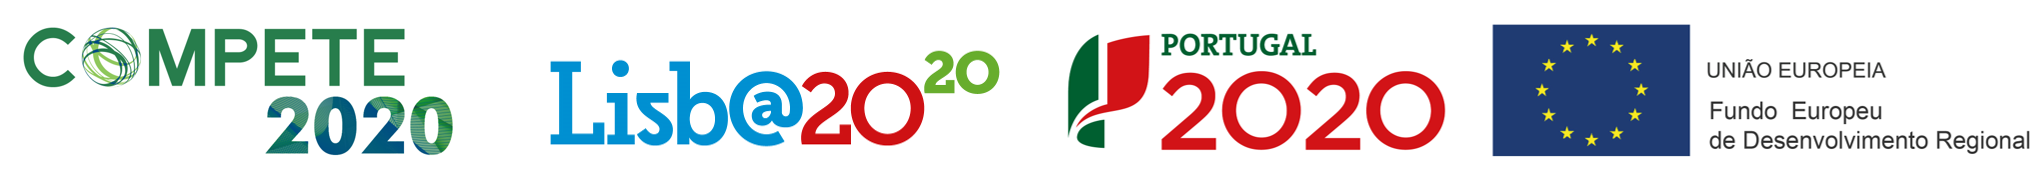 2020 protocolo